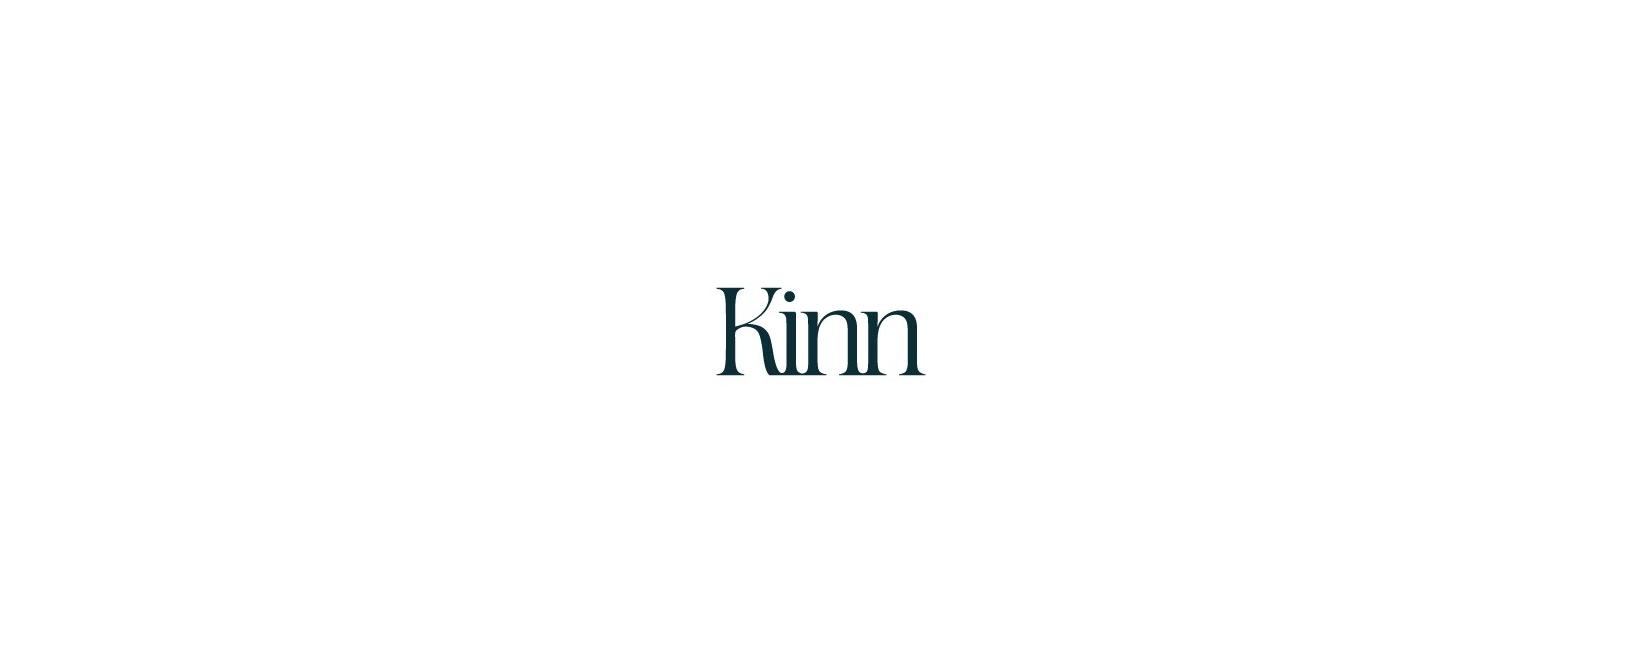 Kinn Coupon Code 2021